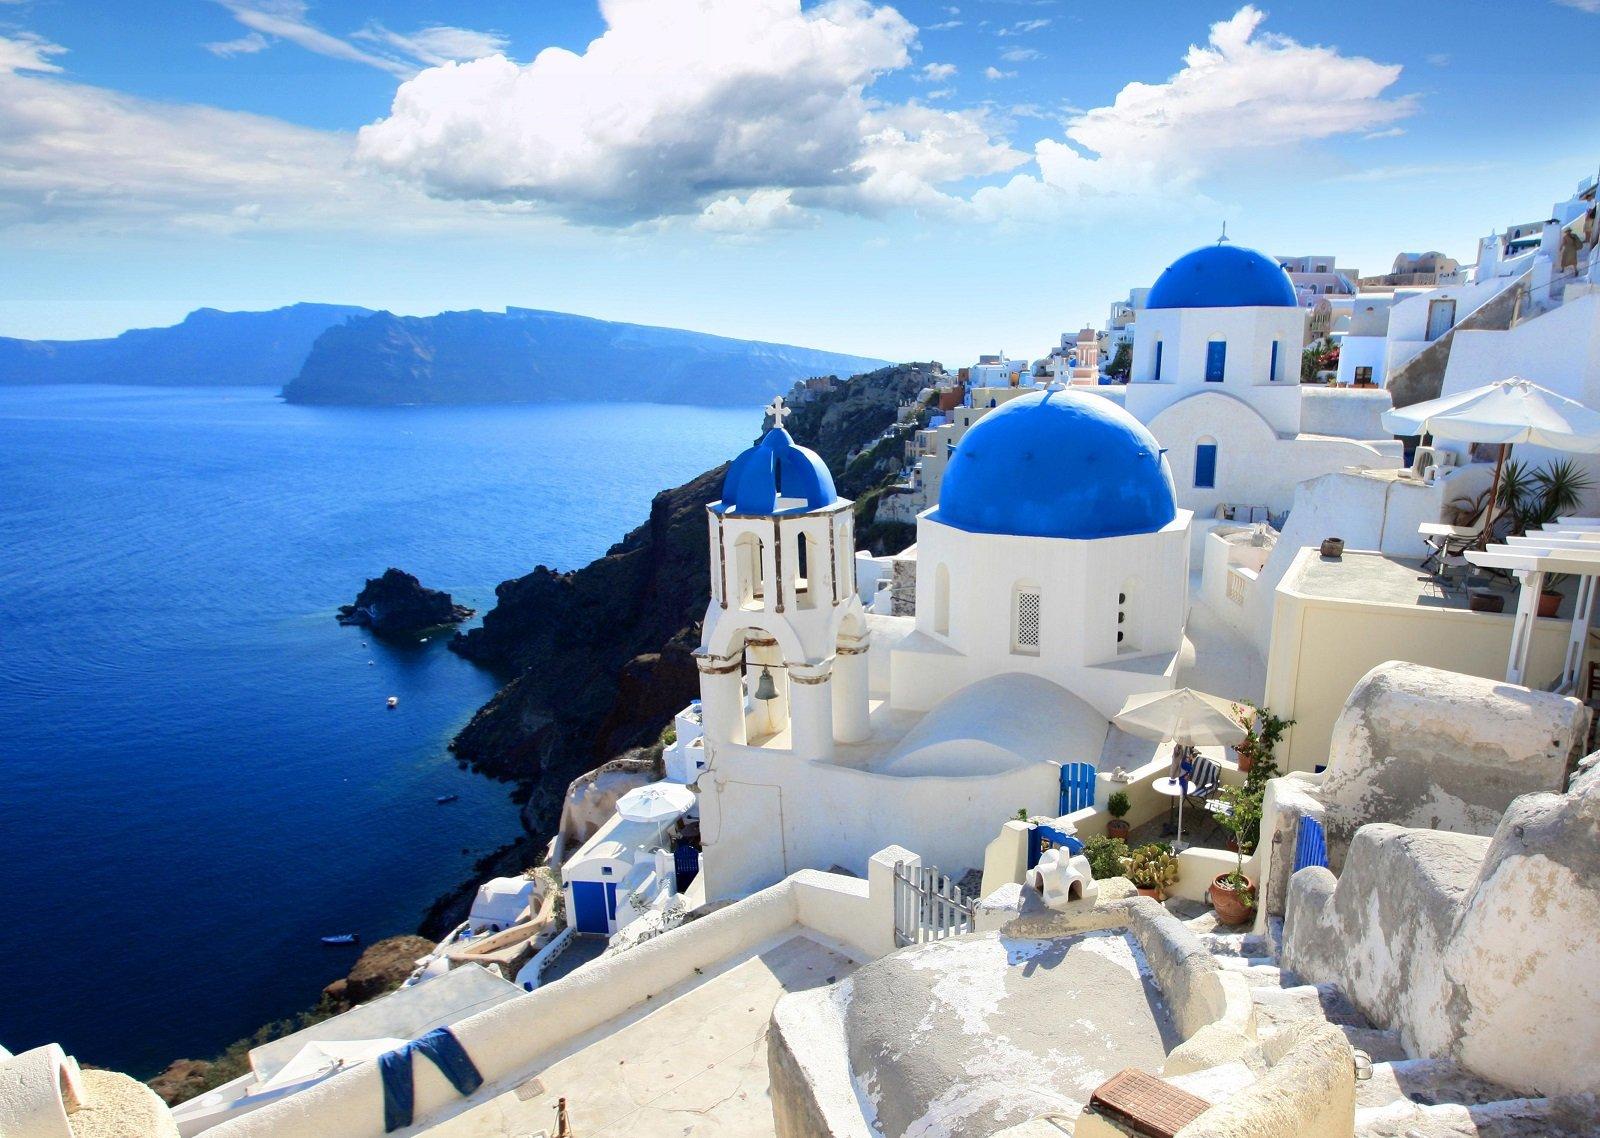 isola greca, case bianche con tetti blu